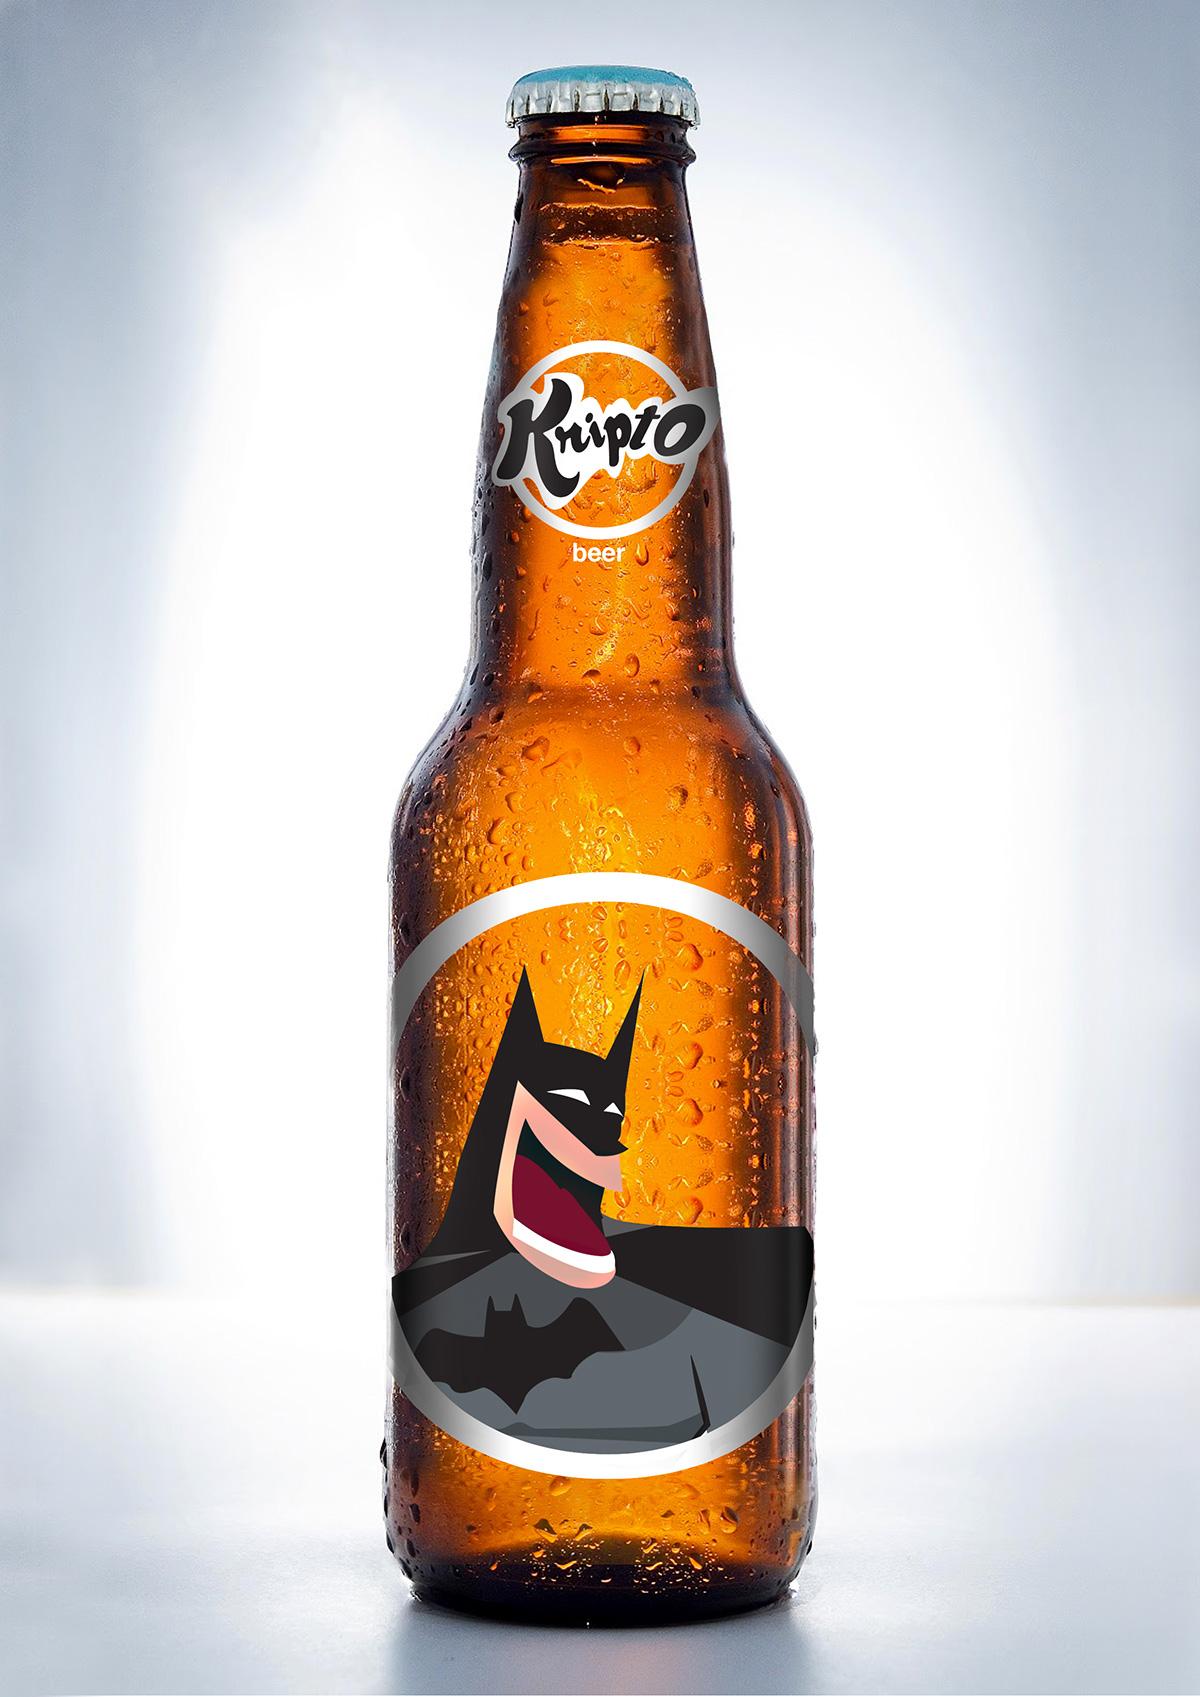 Flash's version Kripto beer Packaging design